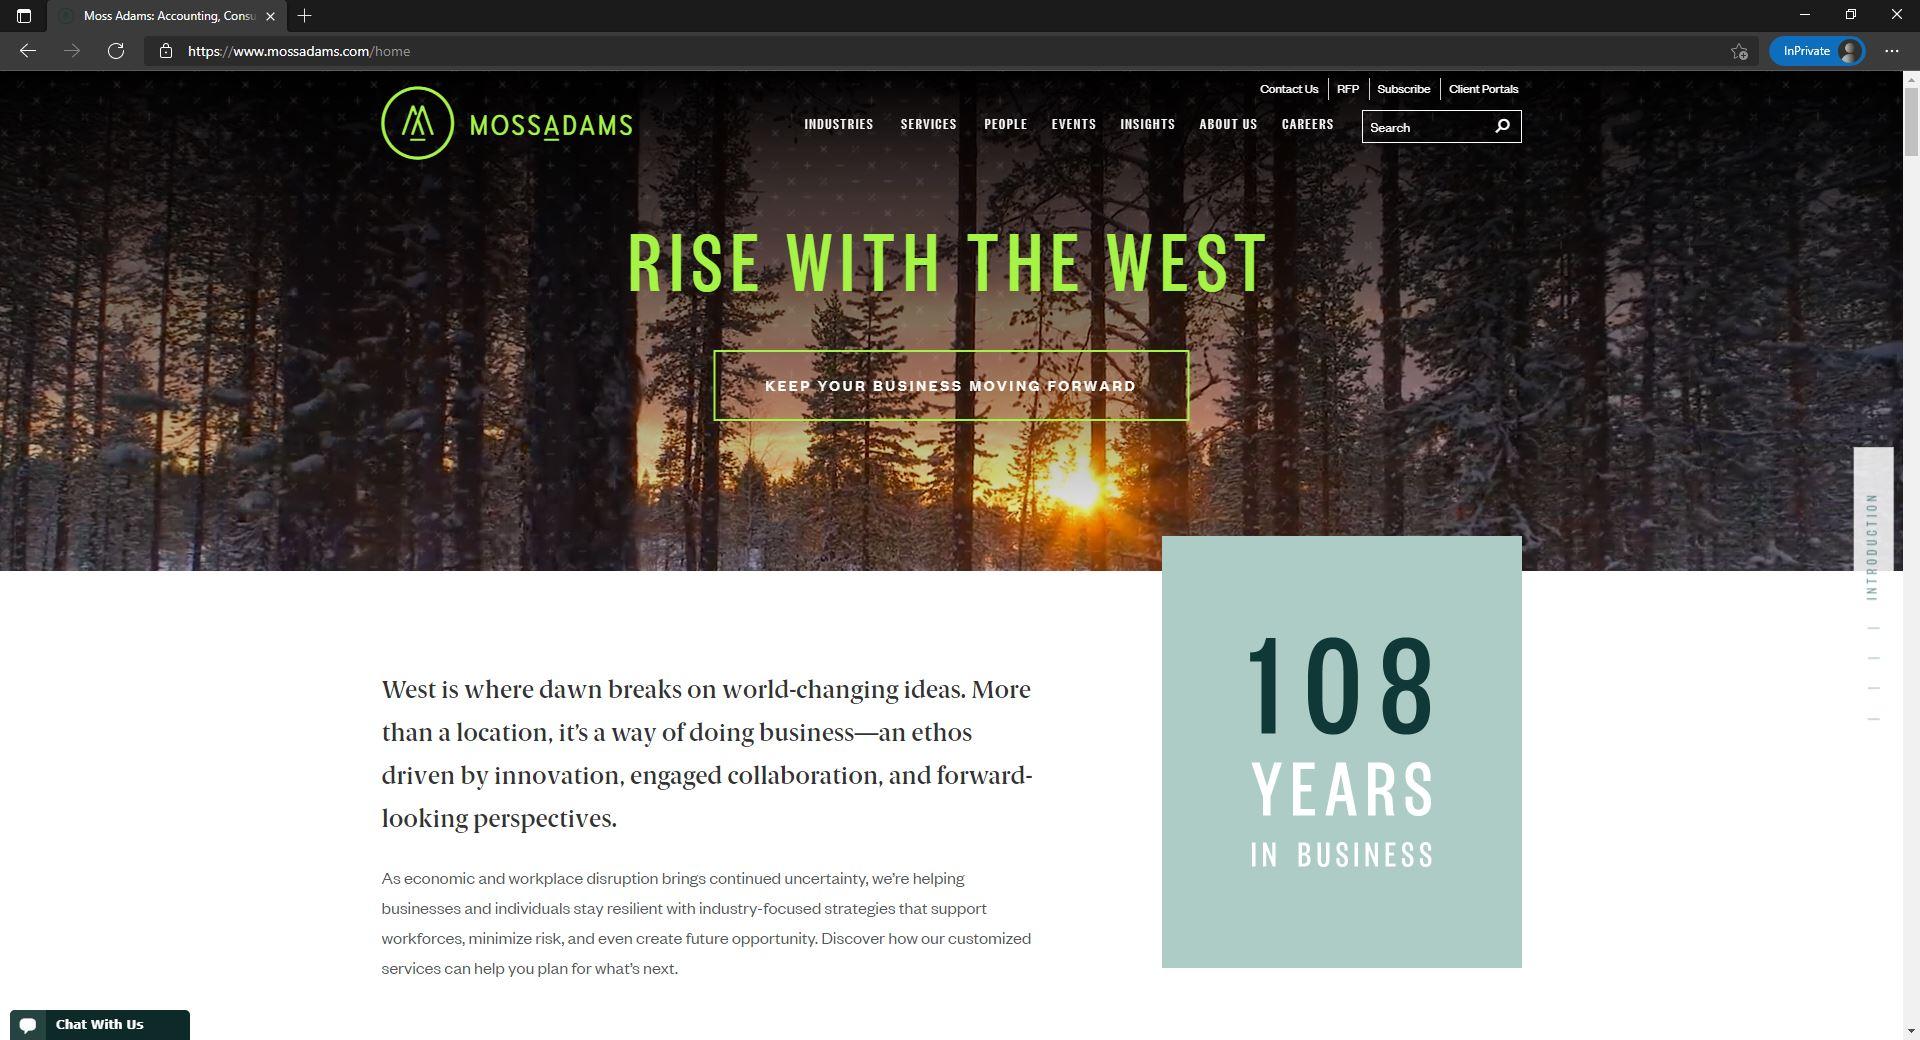 MossAdams website homepage